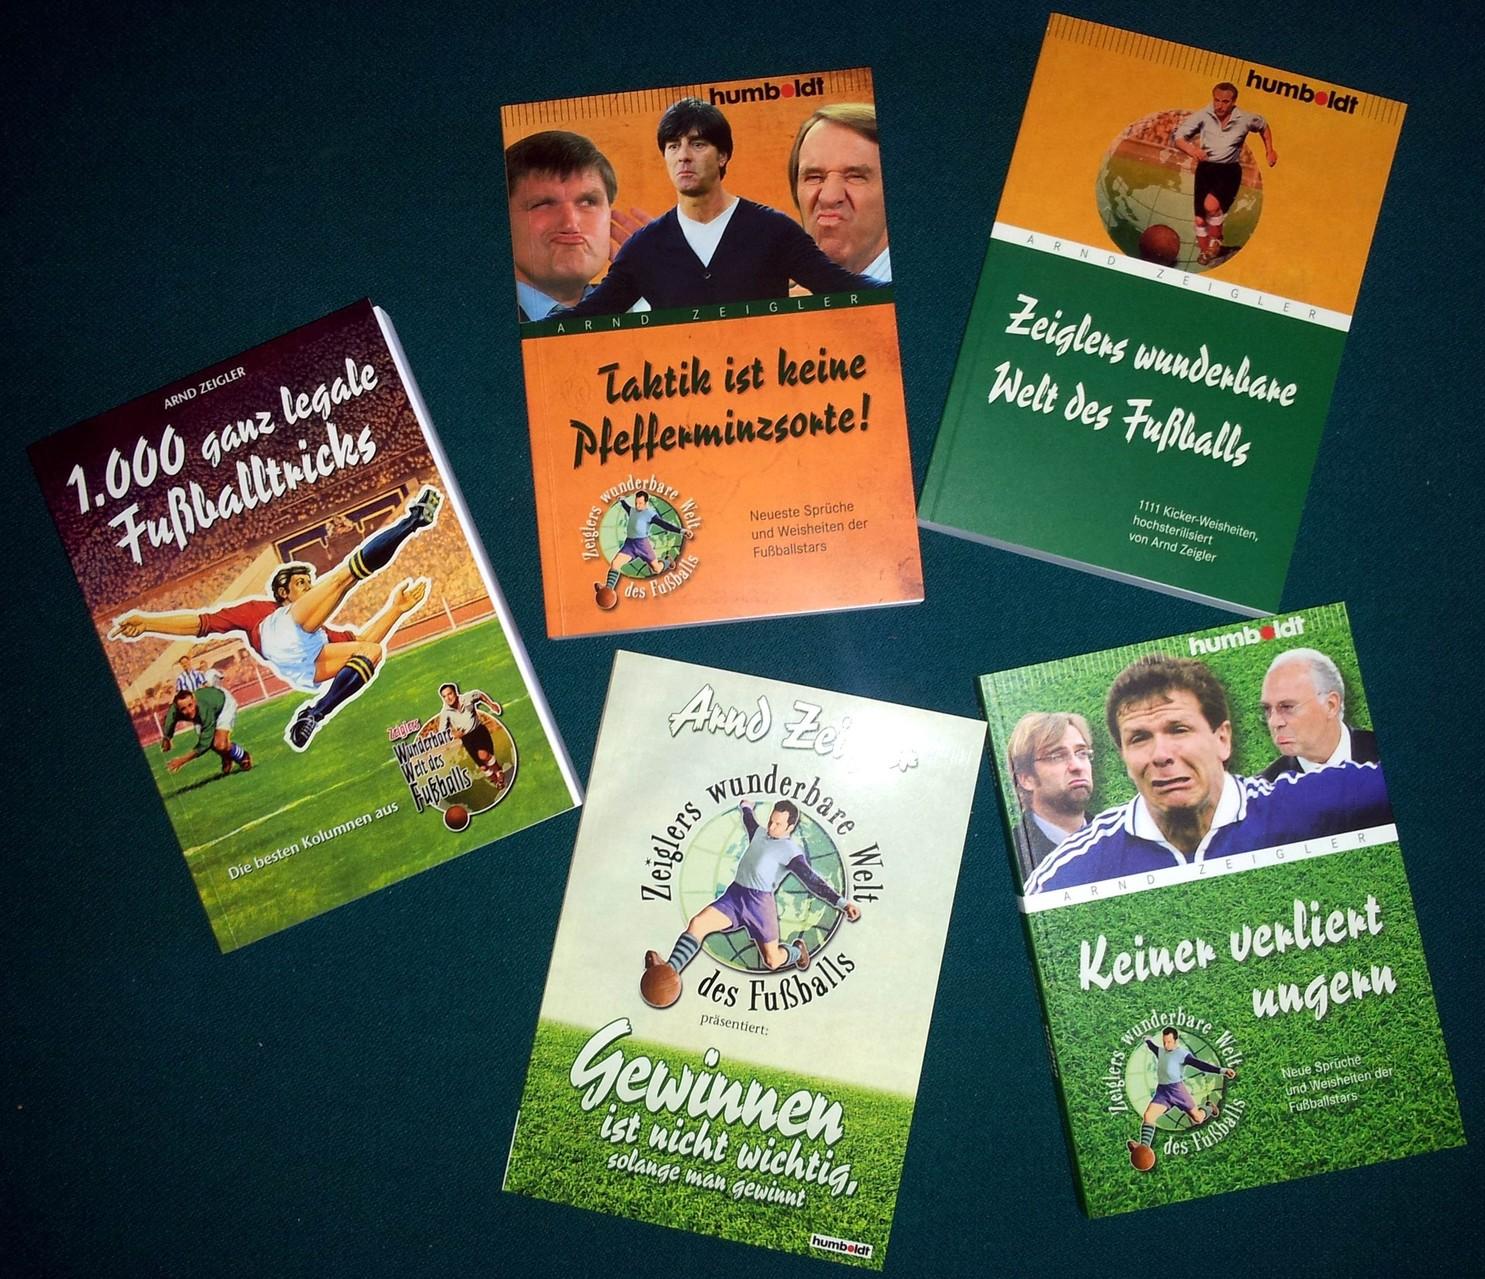 Sonstige Sportbücher, zumeist von Arnd Zeigler, aus dem Humboldt Verlag